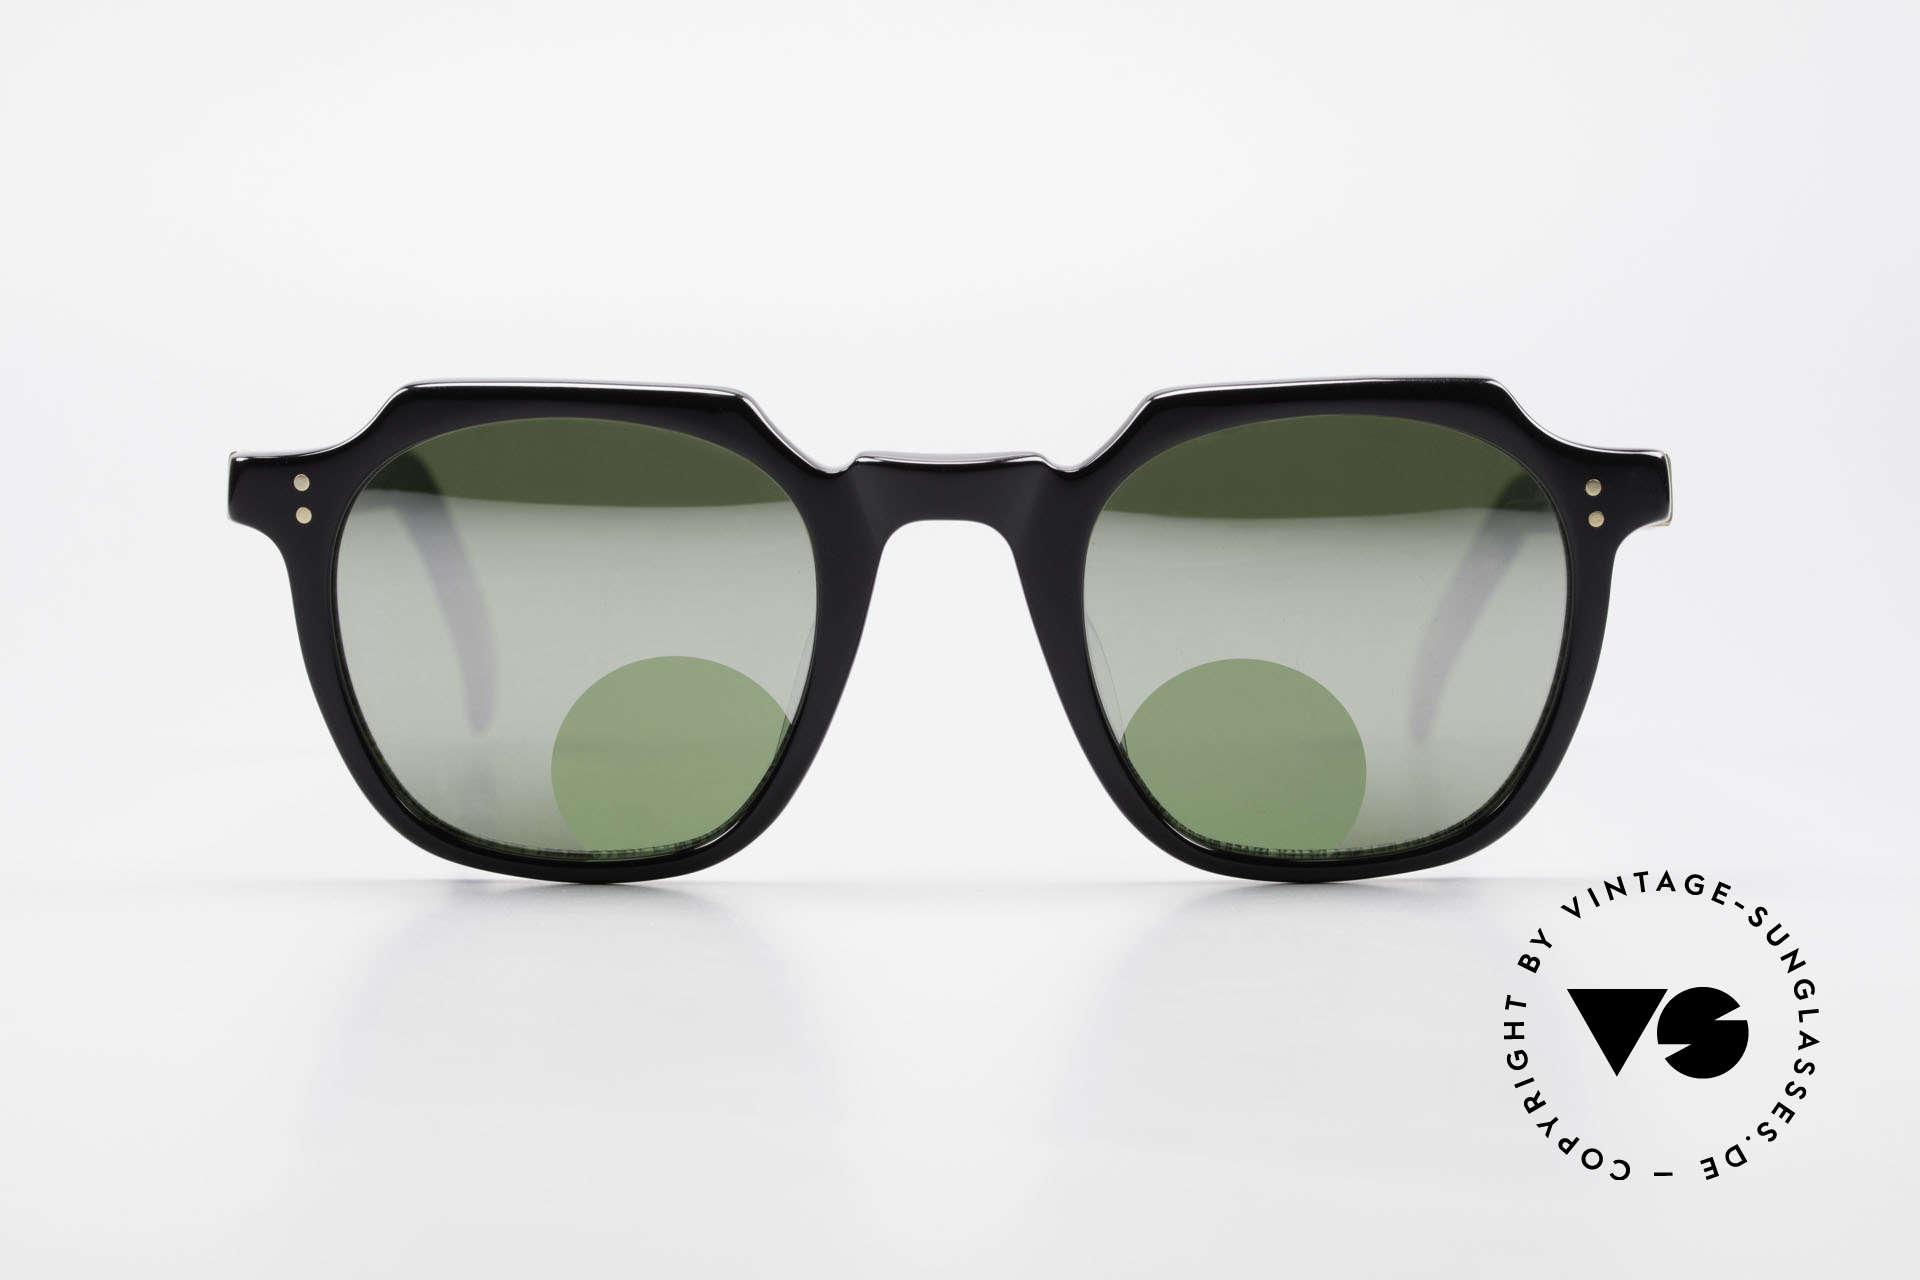 Jean Paul Gaultier 58-0071 Verspiegelt Mit Lesefenstern, sehr stabiler / hochwertiger Rahmen in Top-Qualität, Passend für Herren und Damen